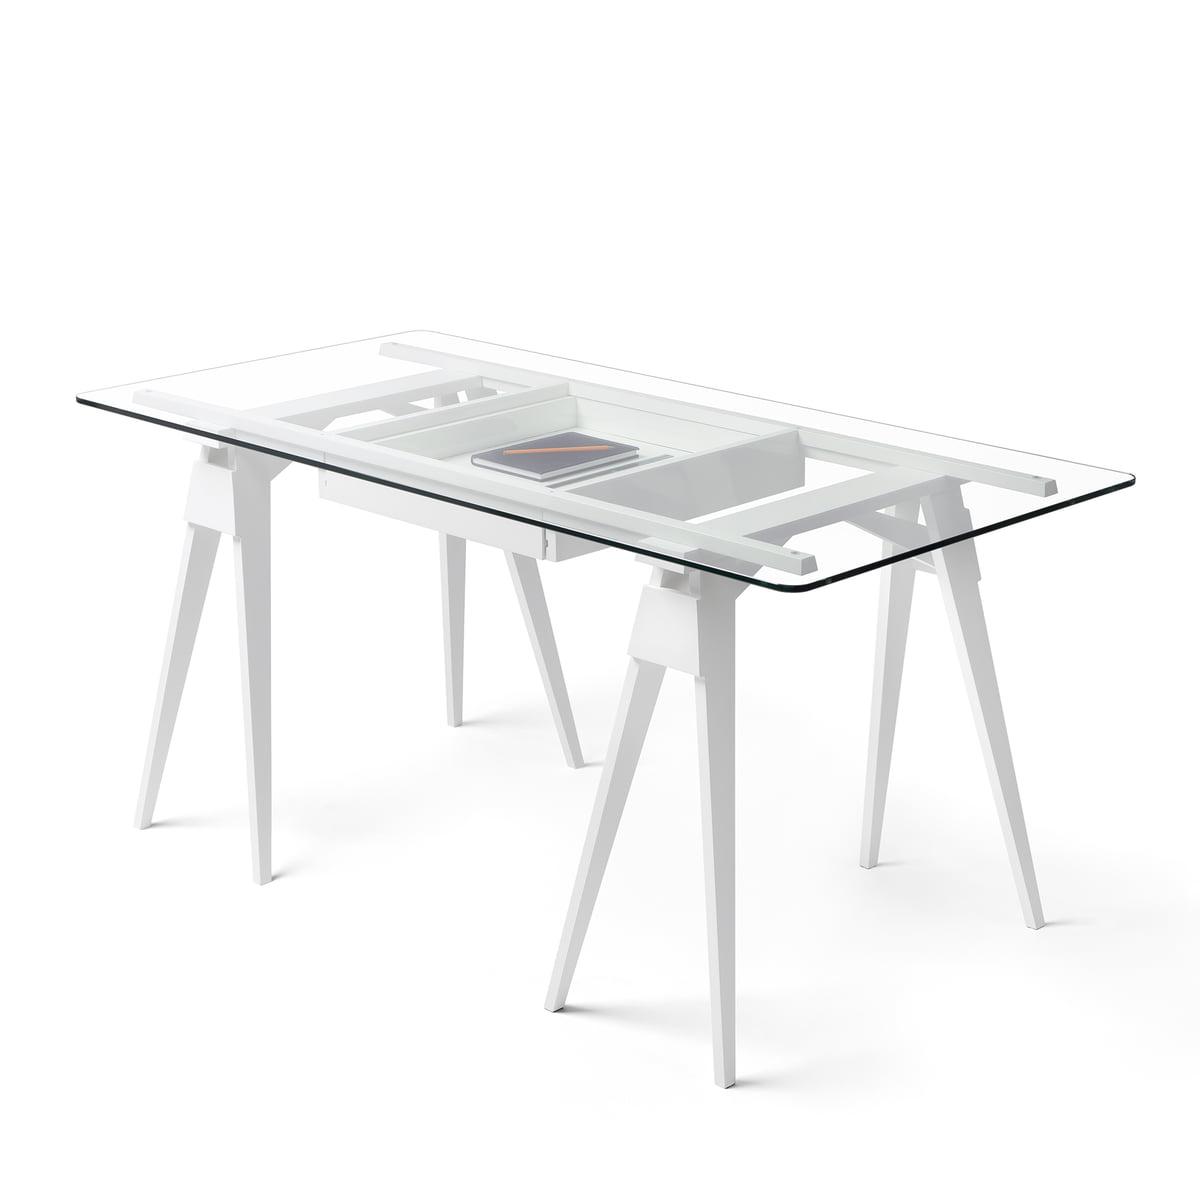 Schreibtischplatte weiß  Arco Schreibtisch von Design House Stockholm | Connox